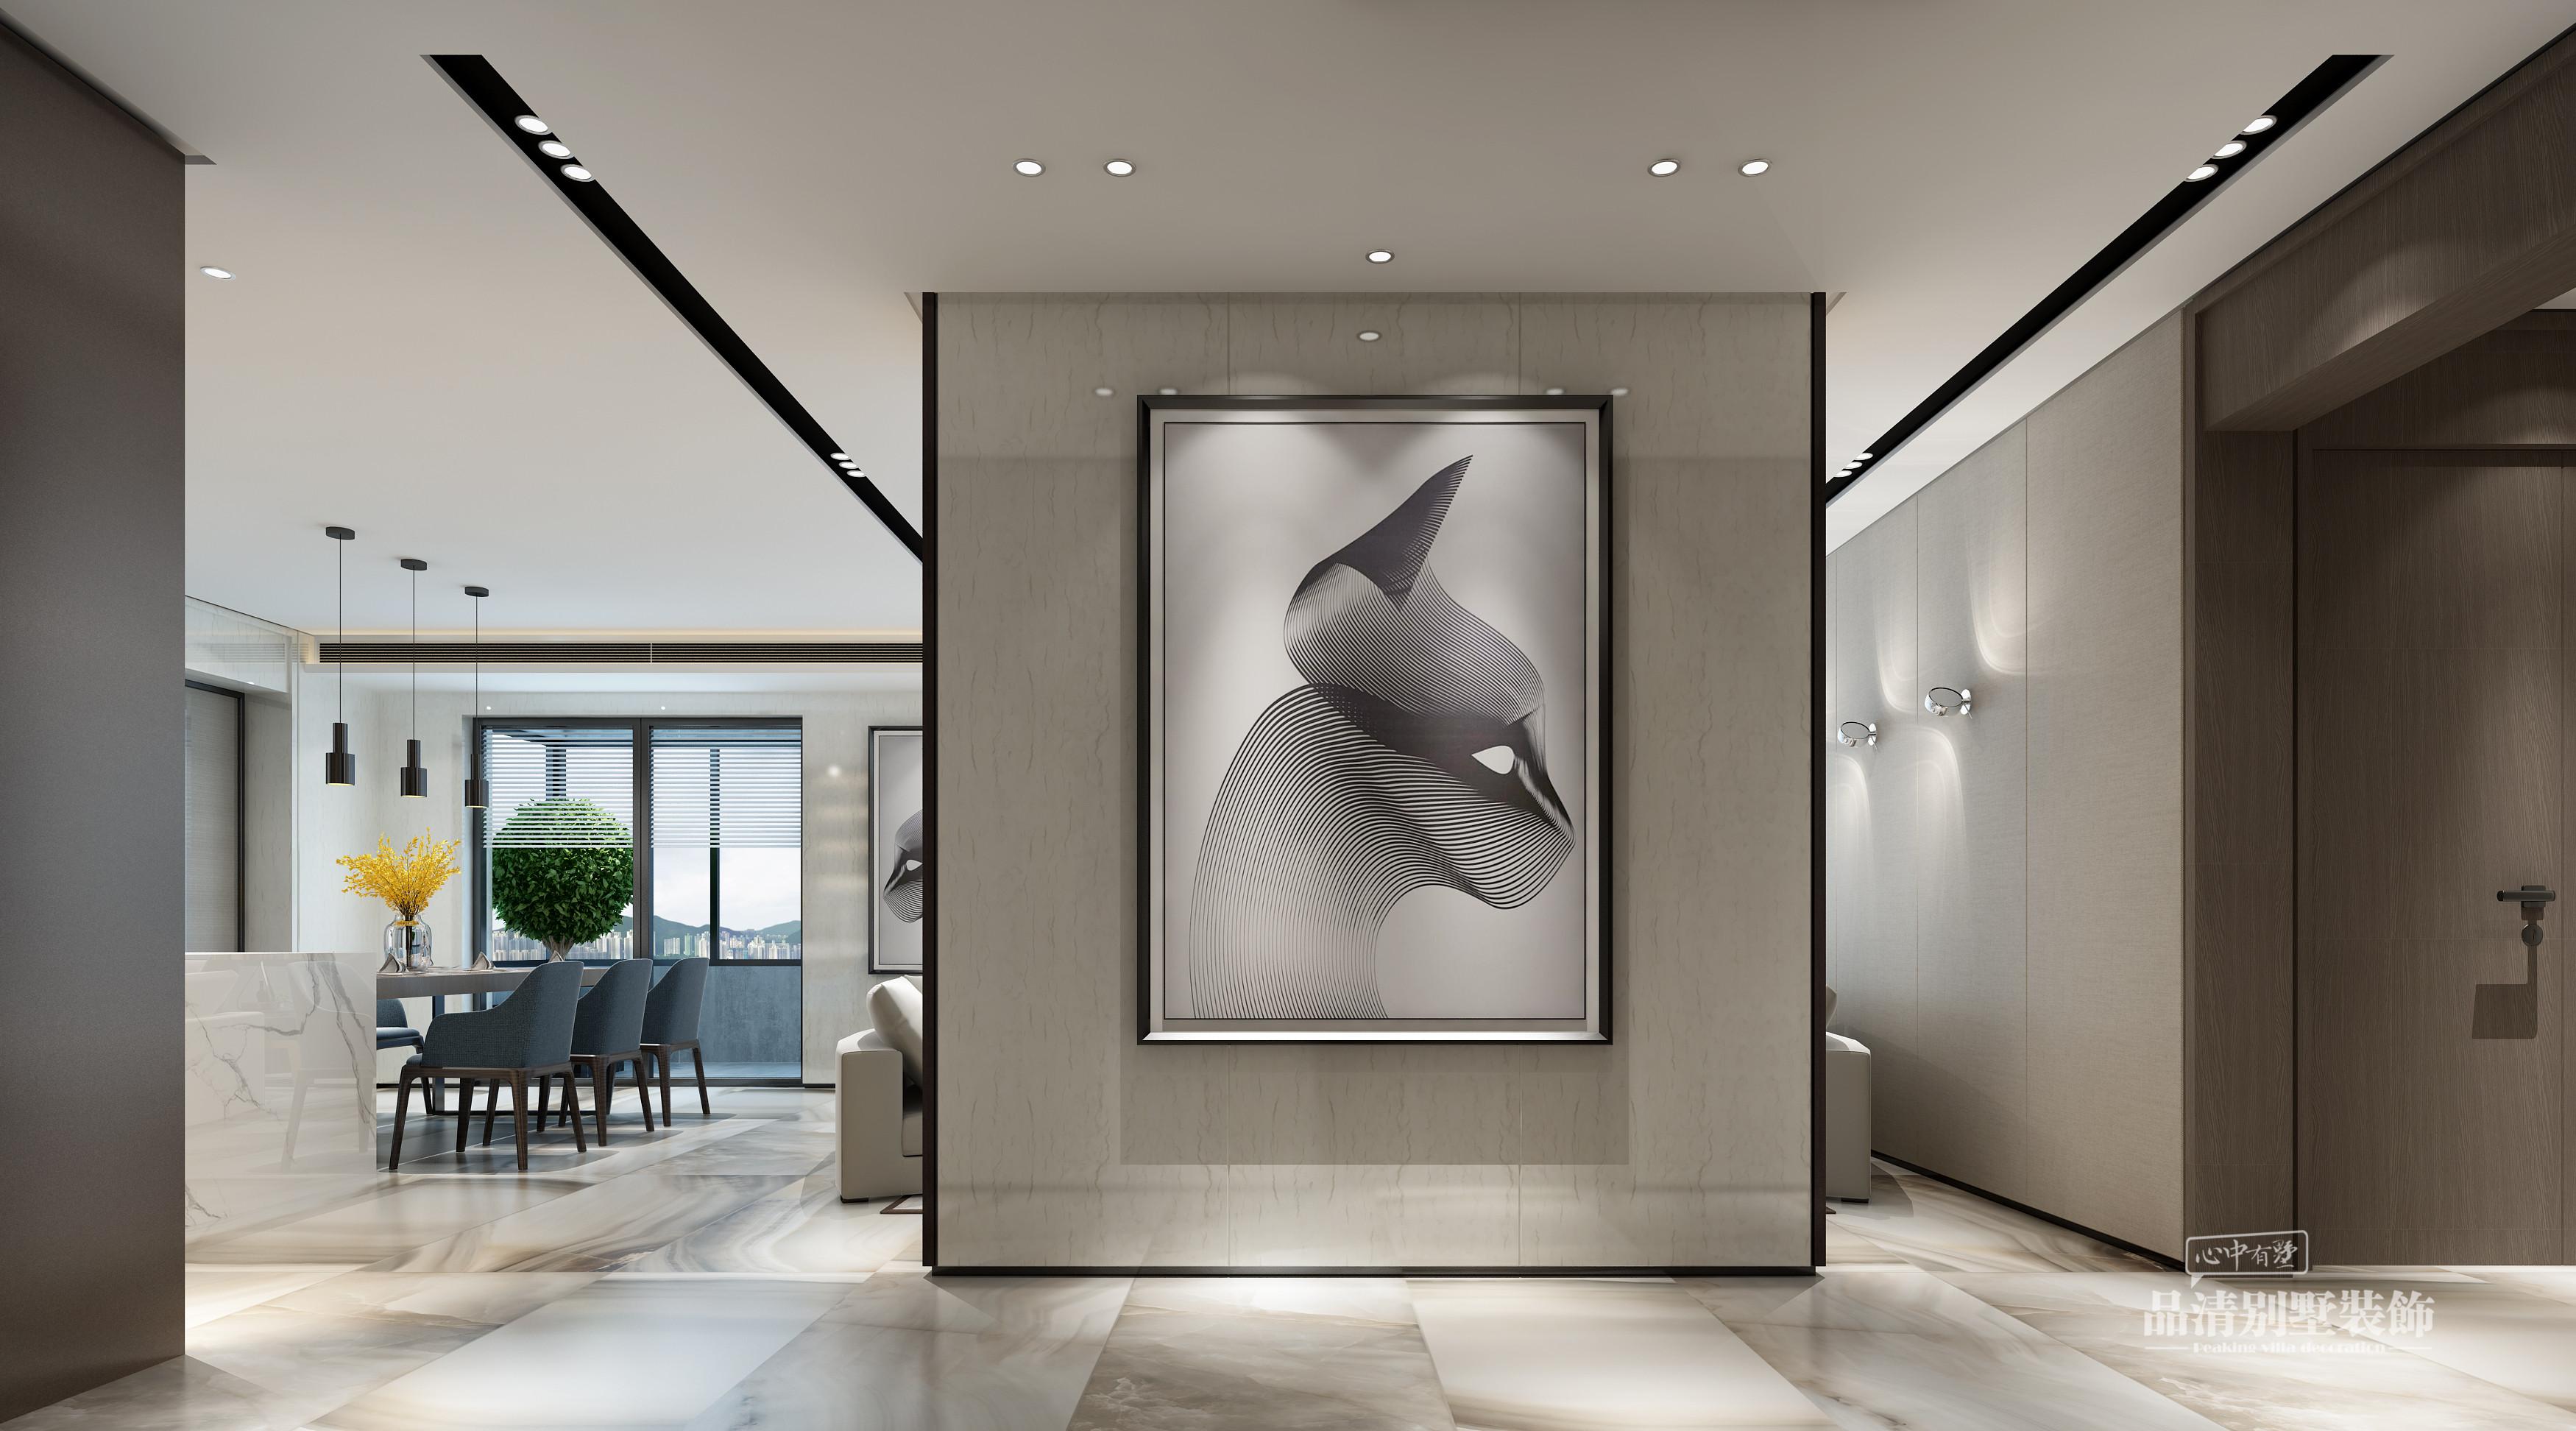 无锡别墅 别墅装修 别墅设计 现代风格图片来自别墅装修设计师在万科金域蓝湾现代风格的分享